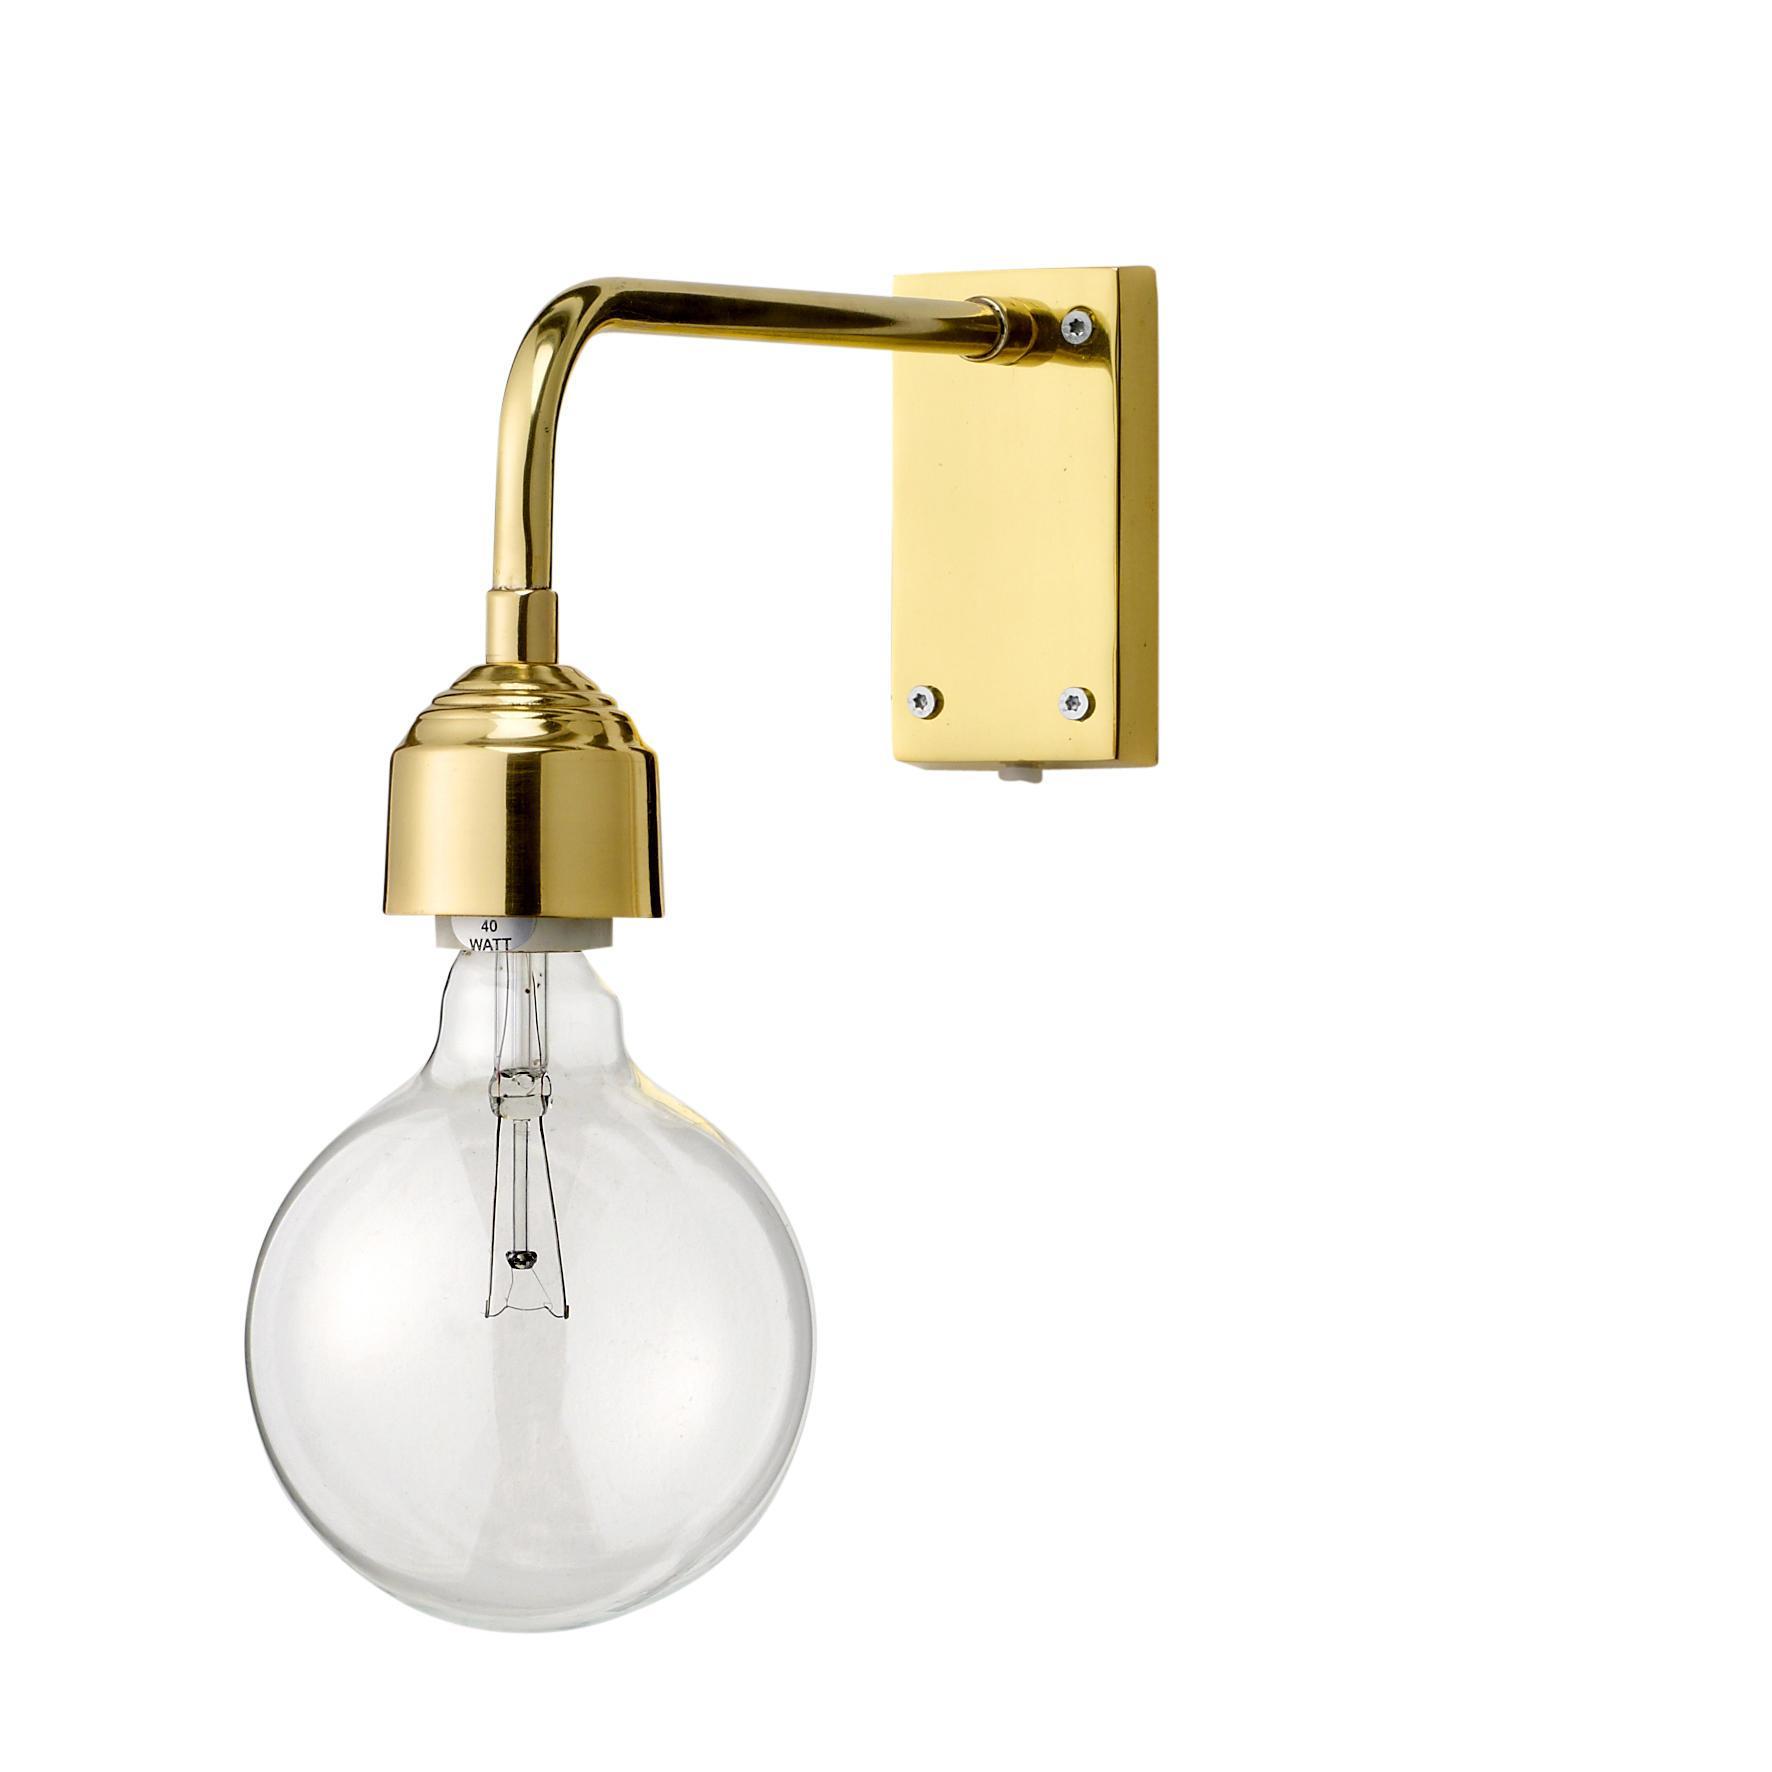 Bloomingville Nástěnná lampička Gold Metal, zlatá barva, kov